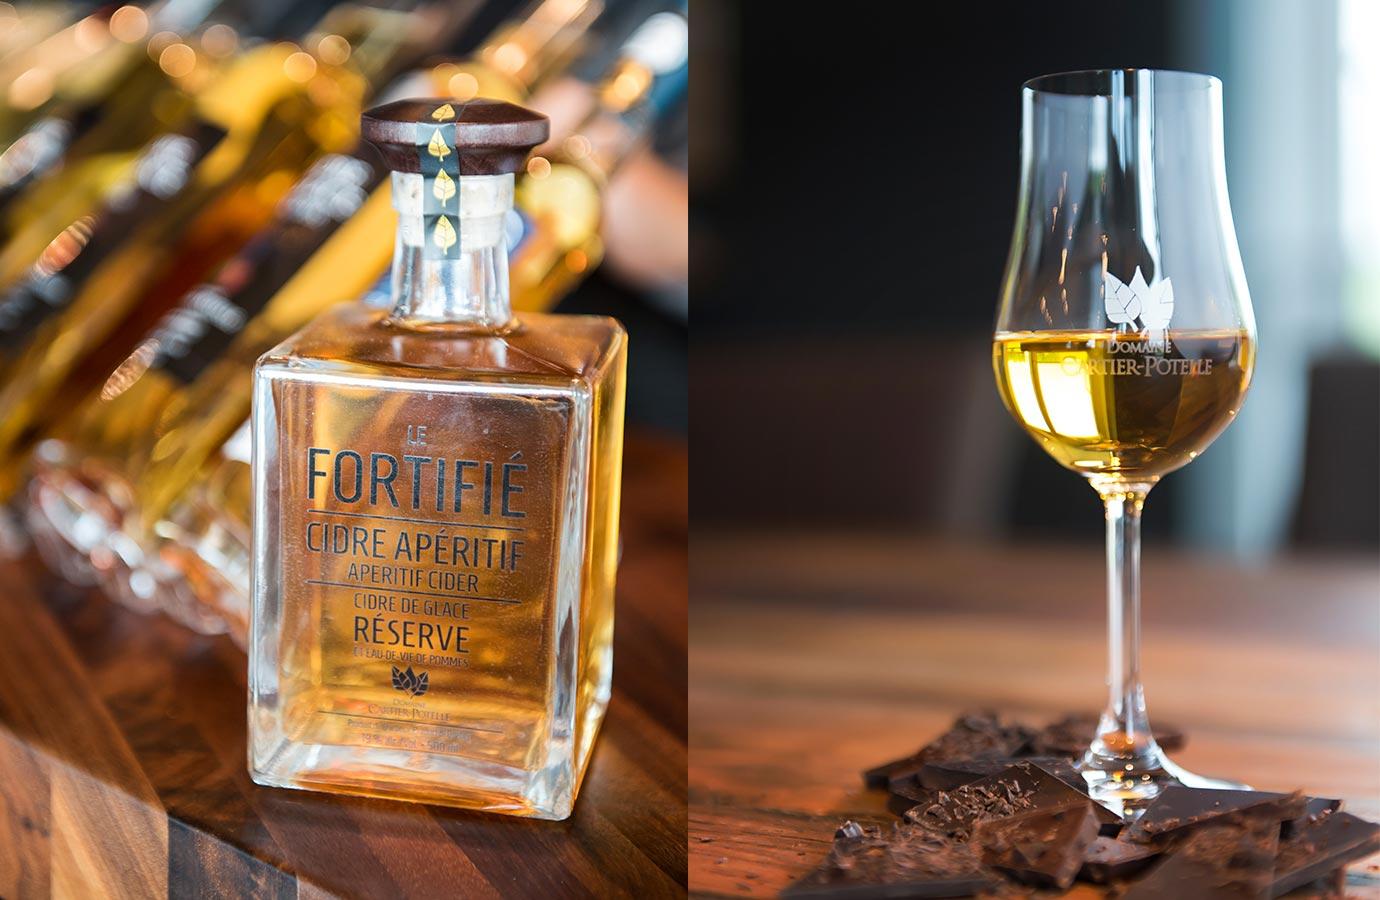 Étiquette et verre pour cidre apérifif, cidre de glace du Domaine Cartie-Potelle